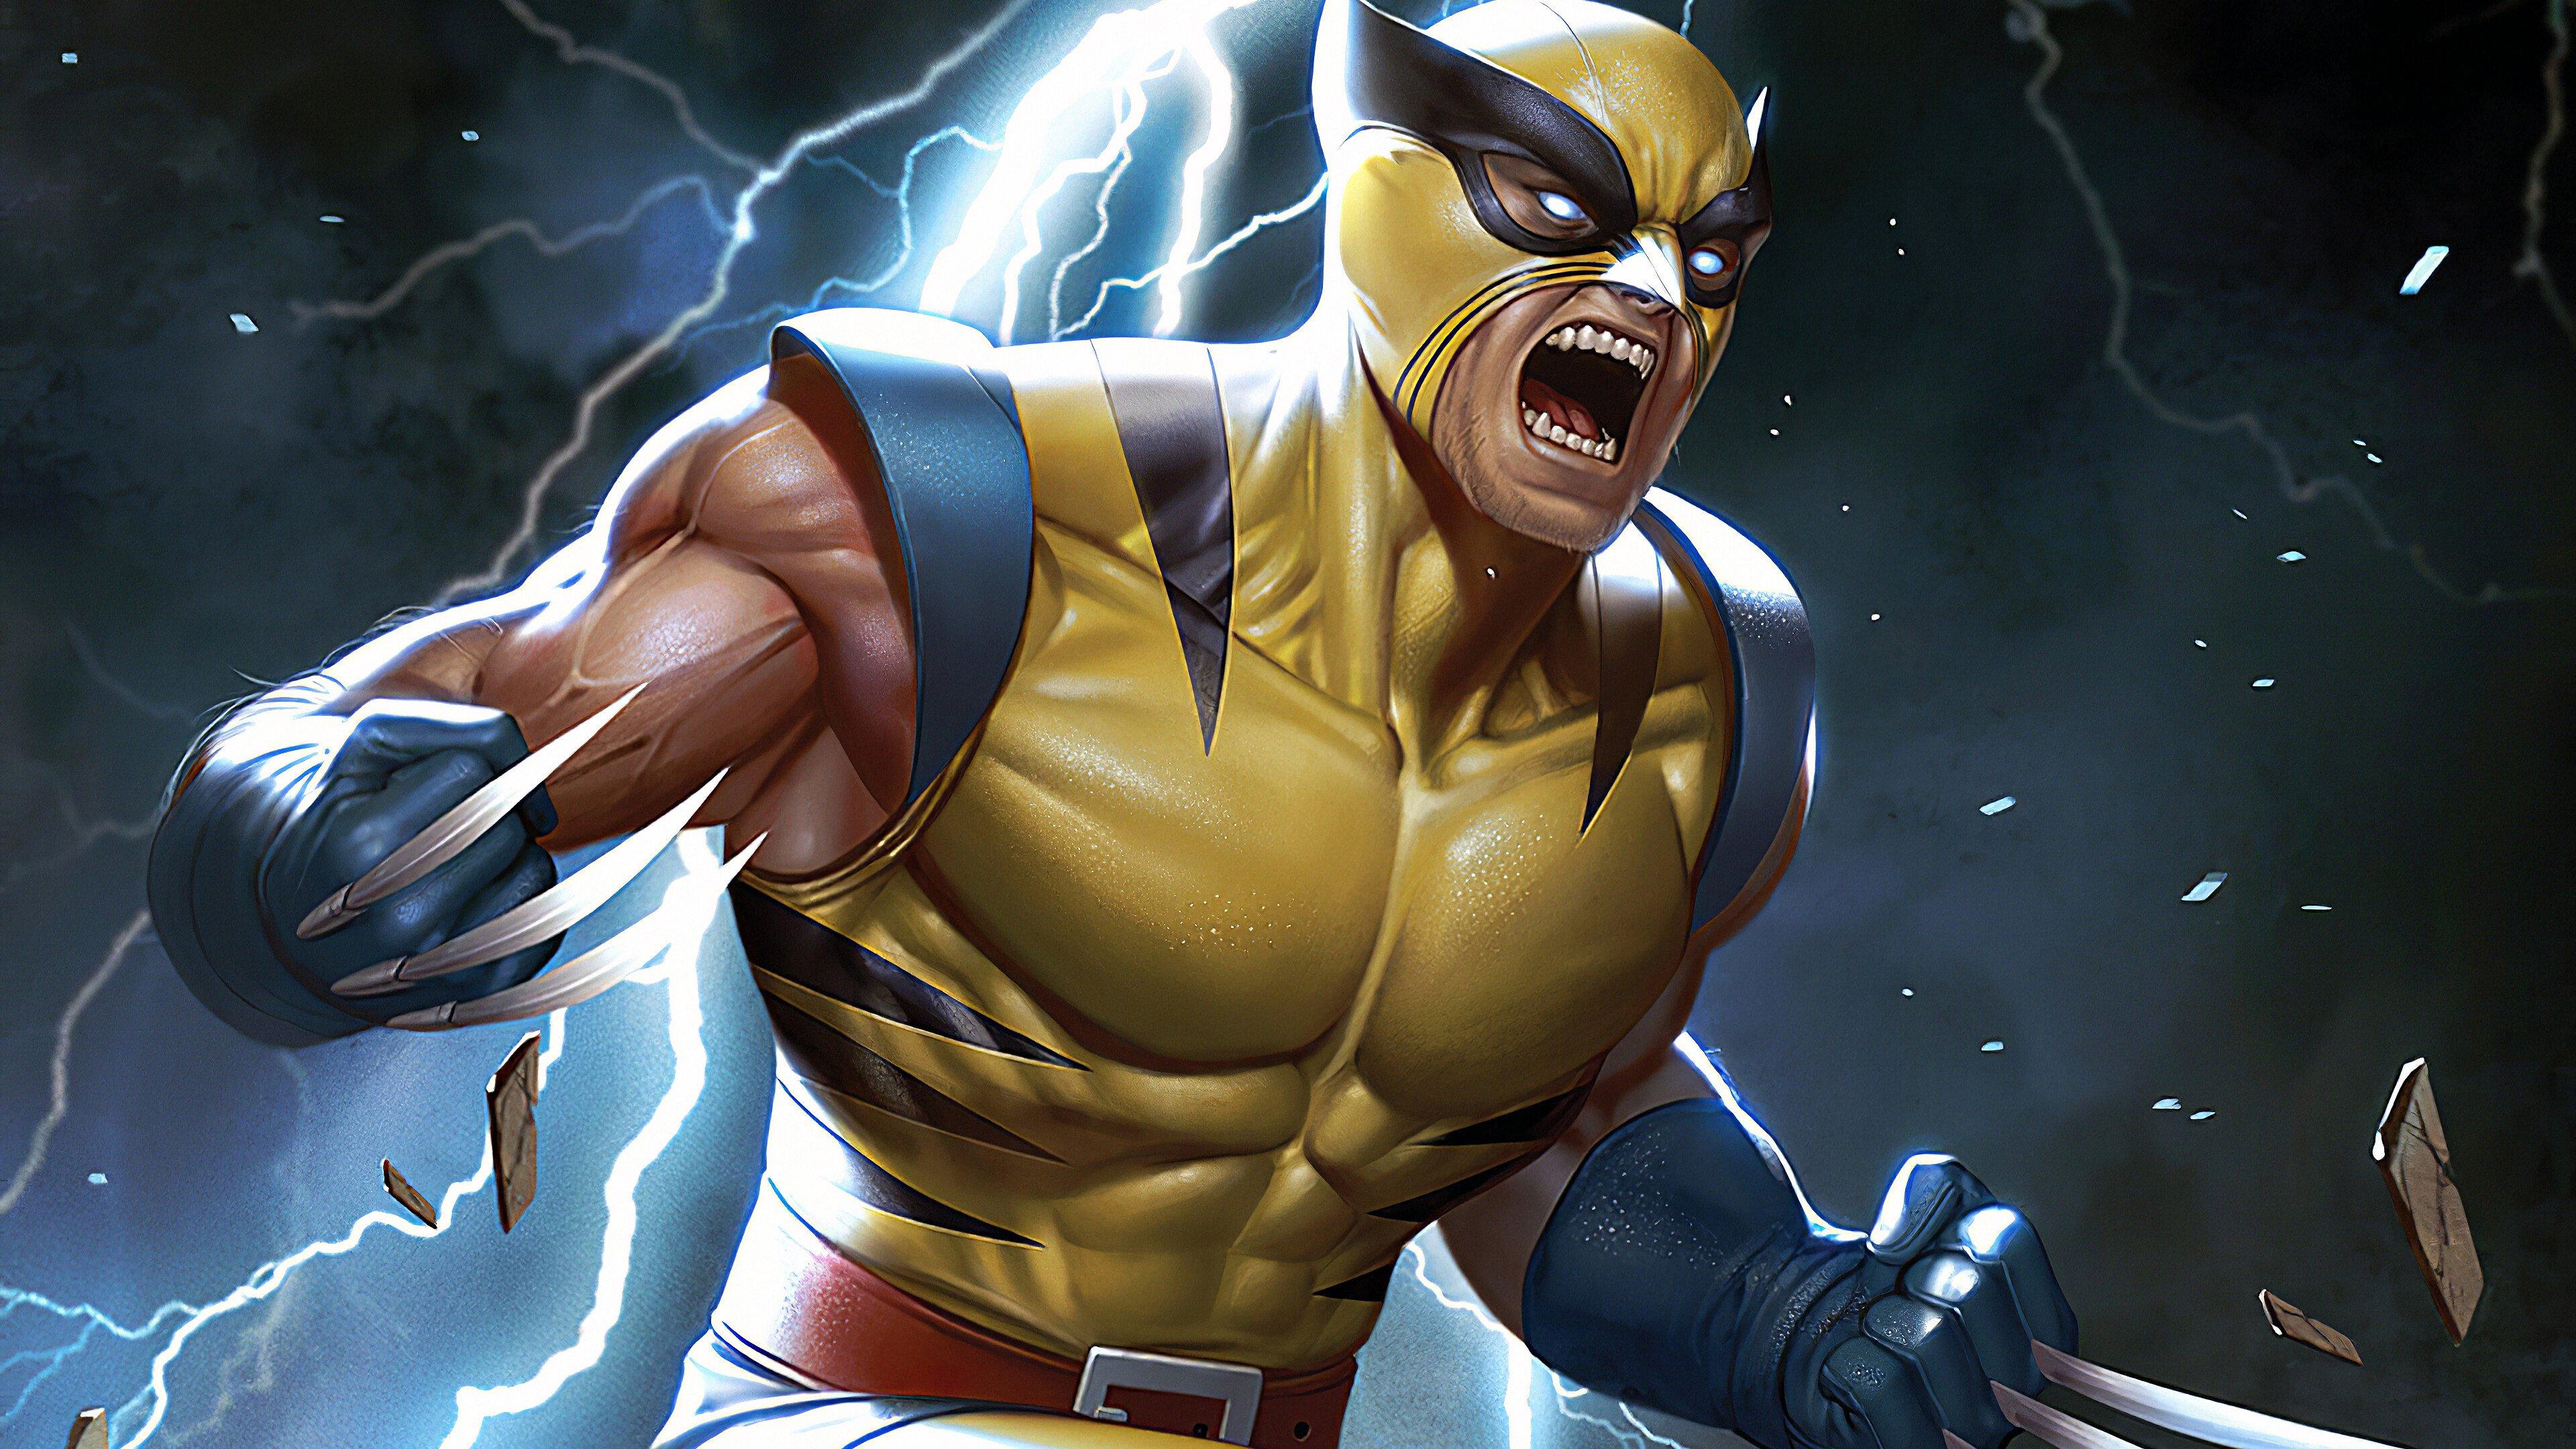 Fondos de pantalla Wolverine Fanart